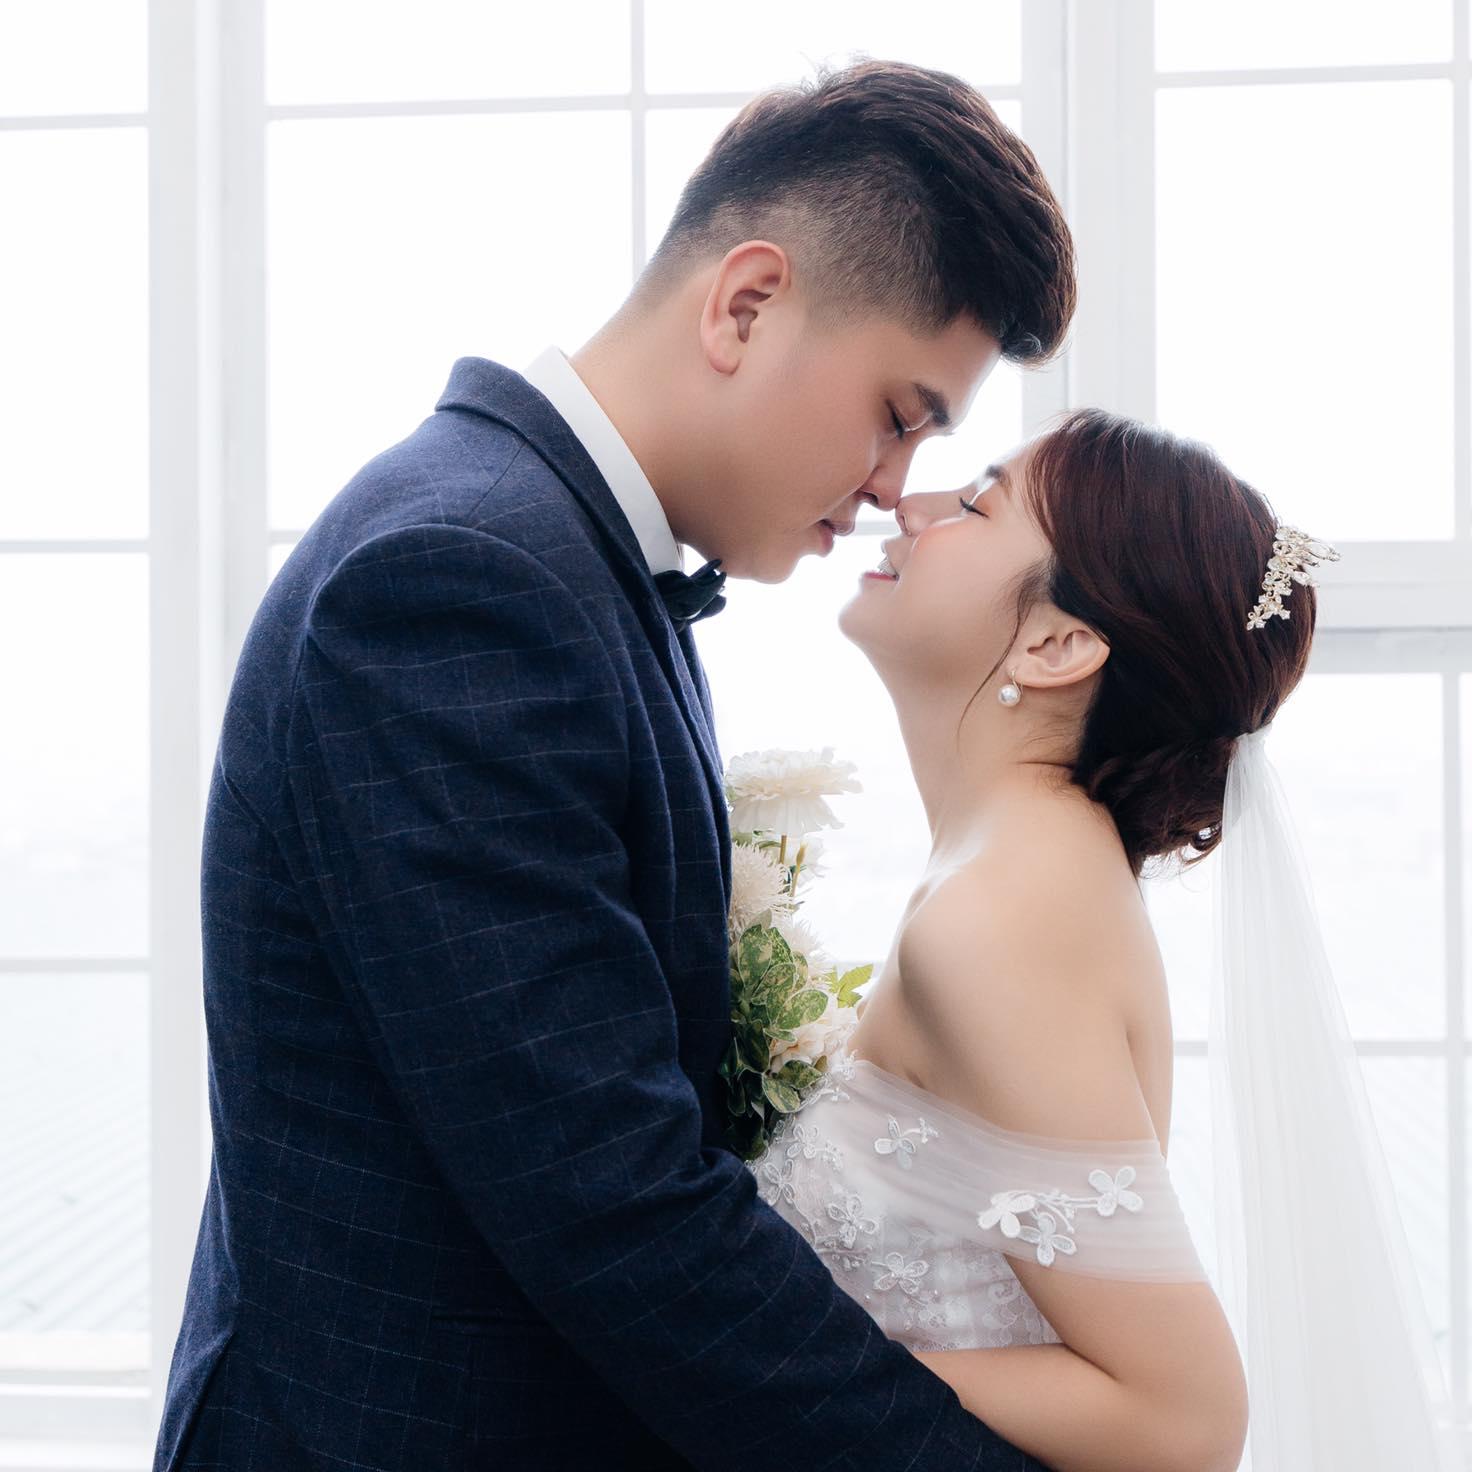 Với Linh, Hải là một người chồng tốt, một người y sĩ tốt mà cô rất tự hào.